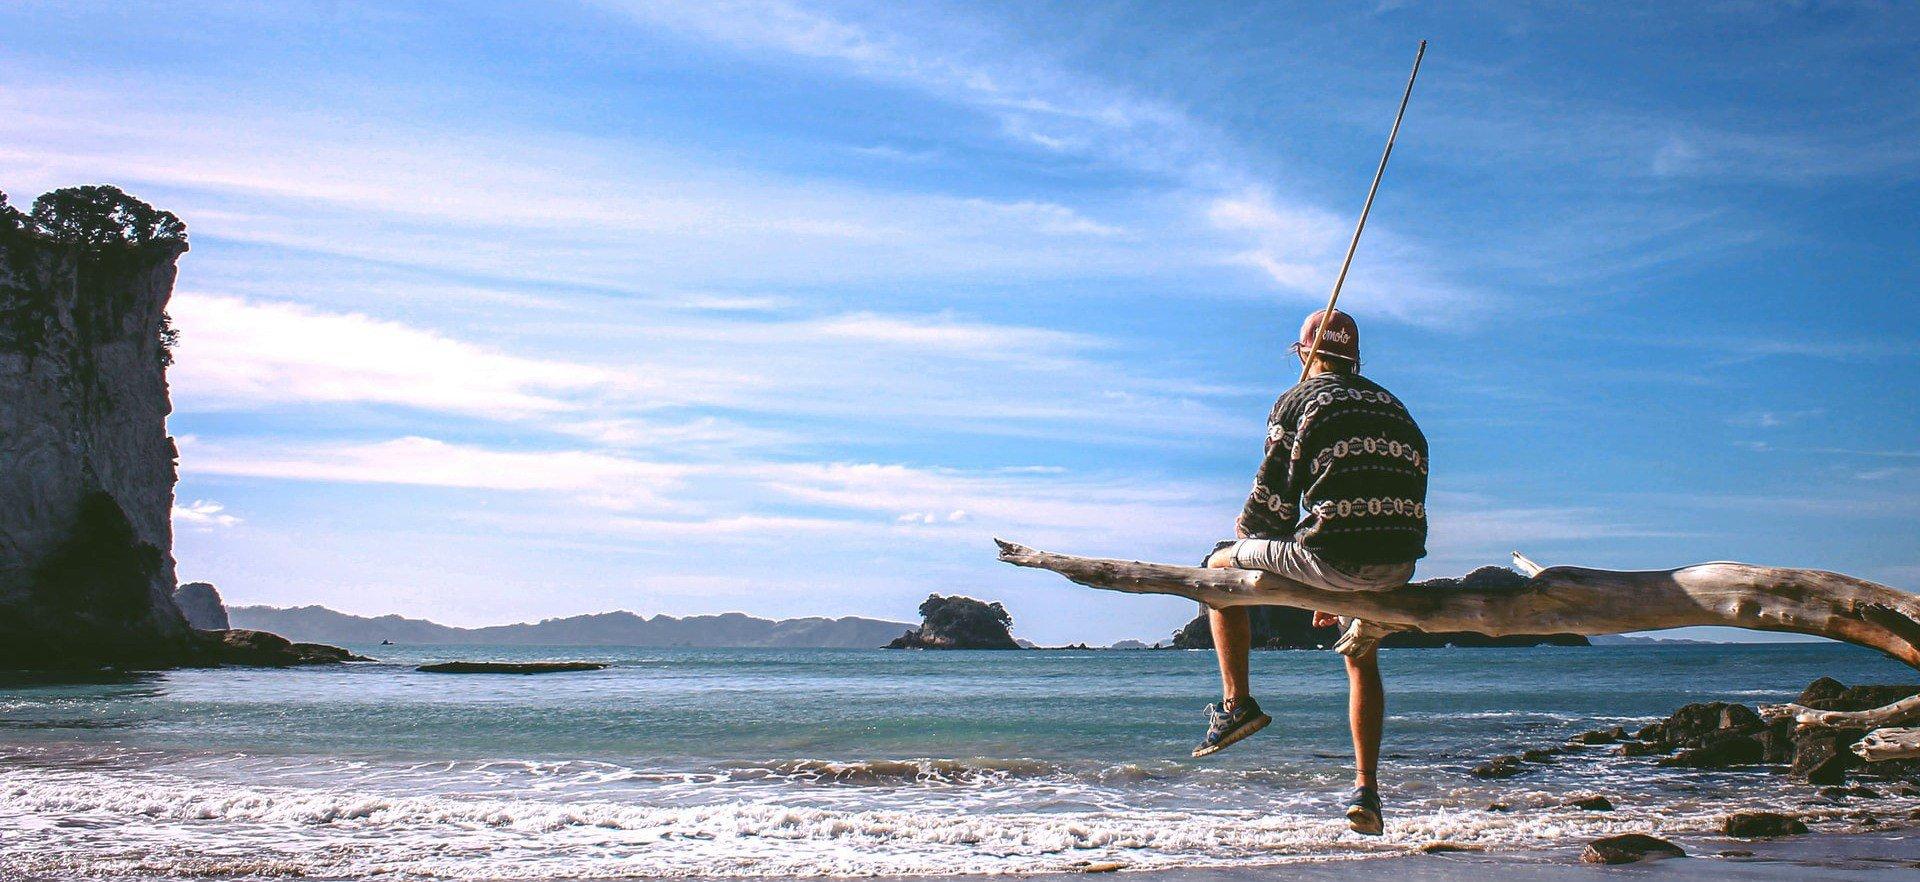 Work & Traveller am Strand von Australien